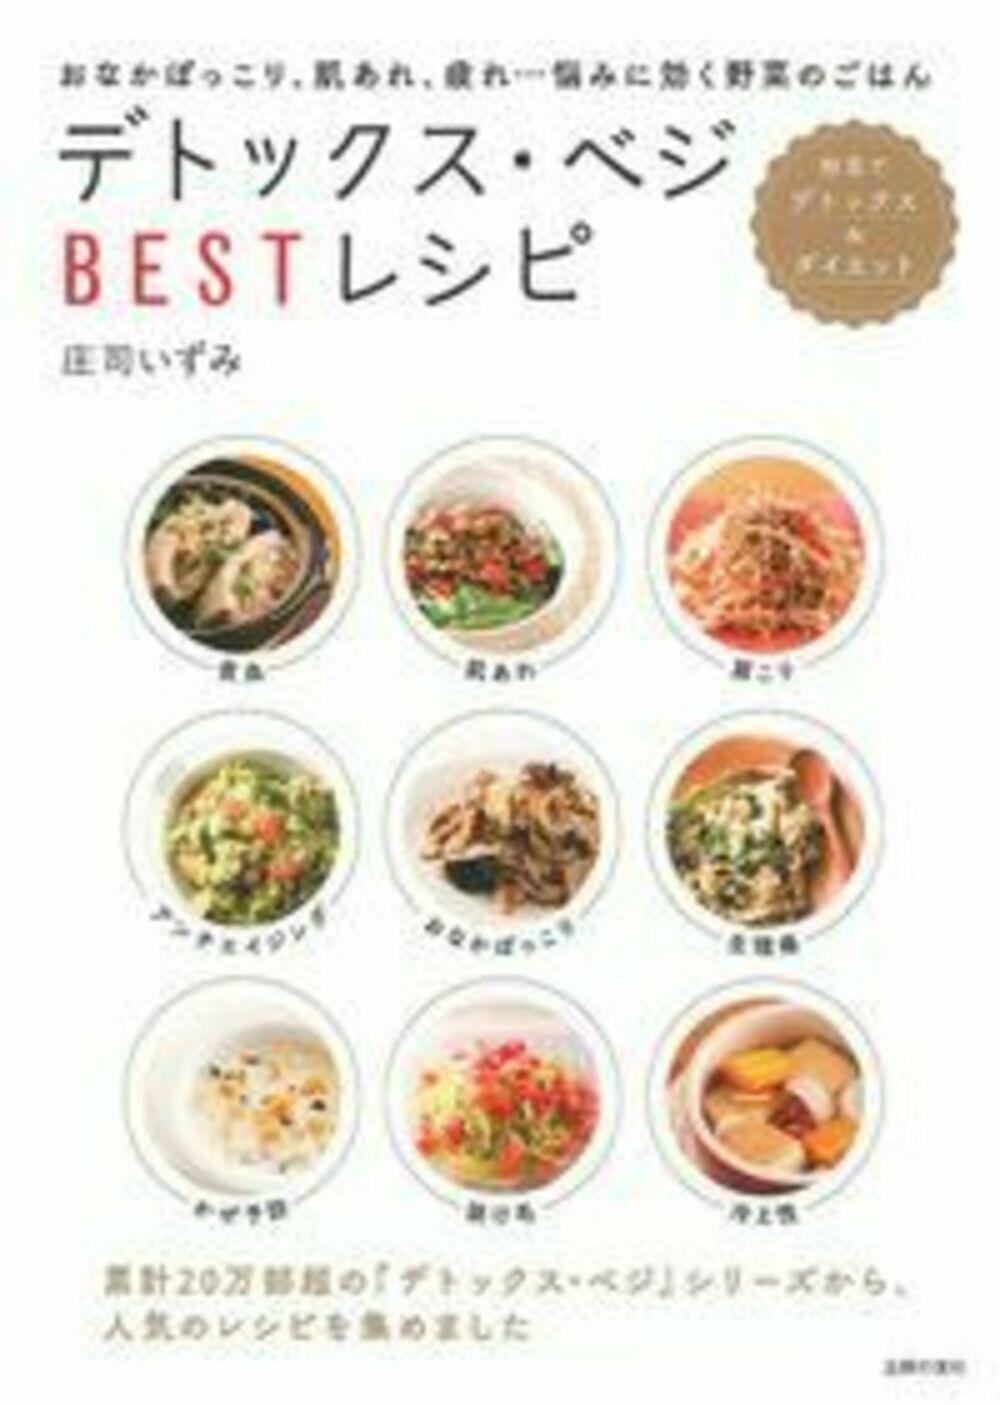 デトックス・ベジBESTレシピ 野菜でデトックス&ダイエット